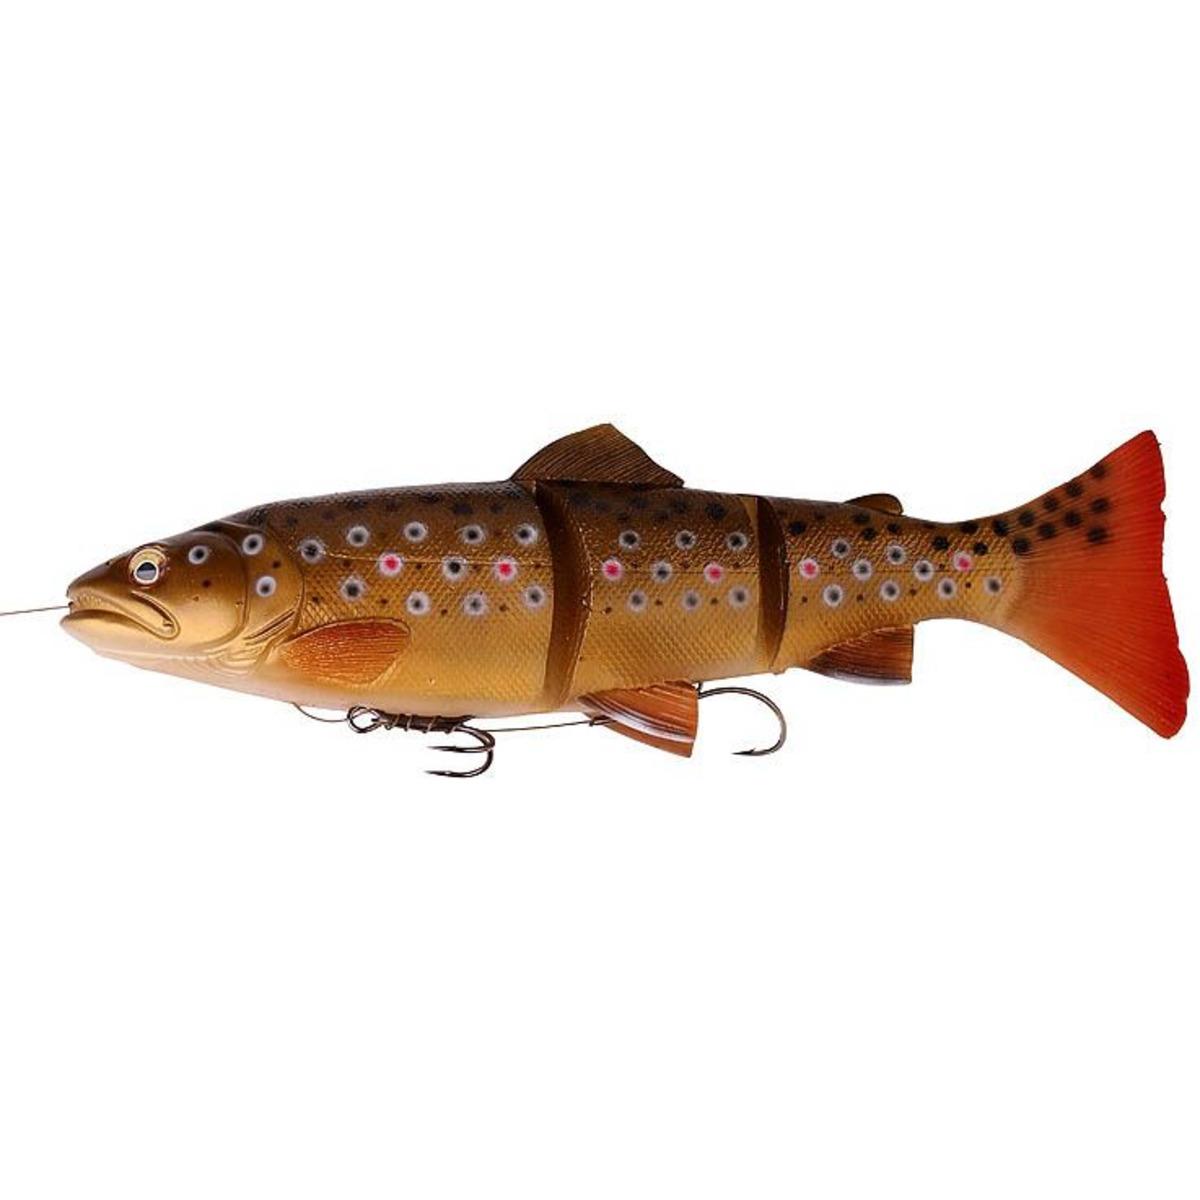 Savage Gear 3D Trout Line Thru - 15 cm - 35 g - Dark Brown Trout